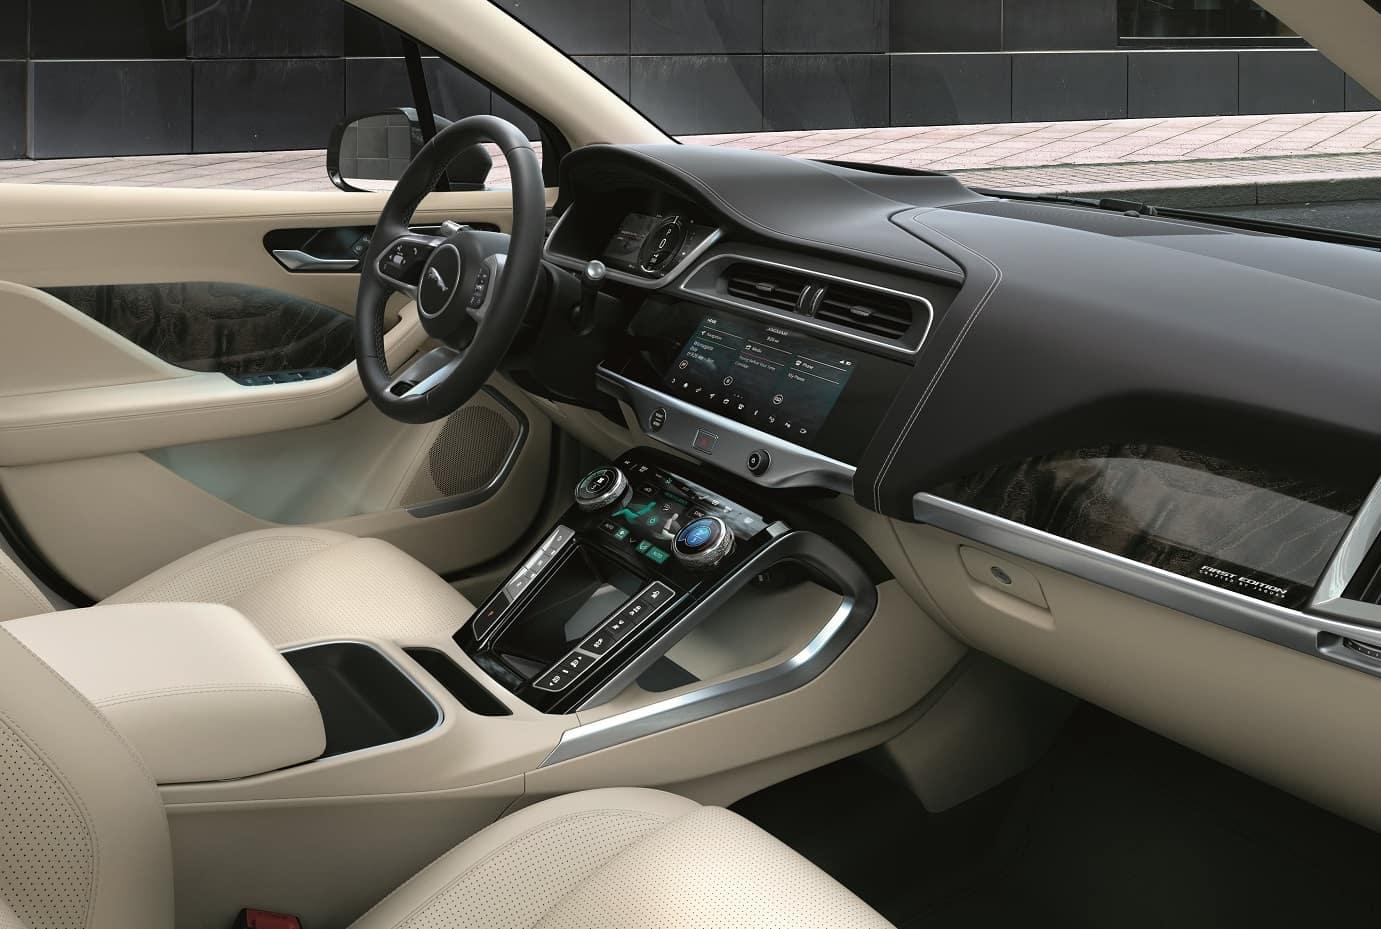 2019 Jaguar I-PACE Infotainment System